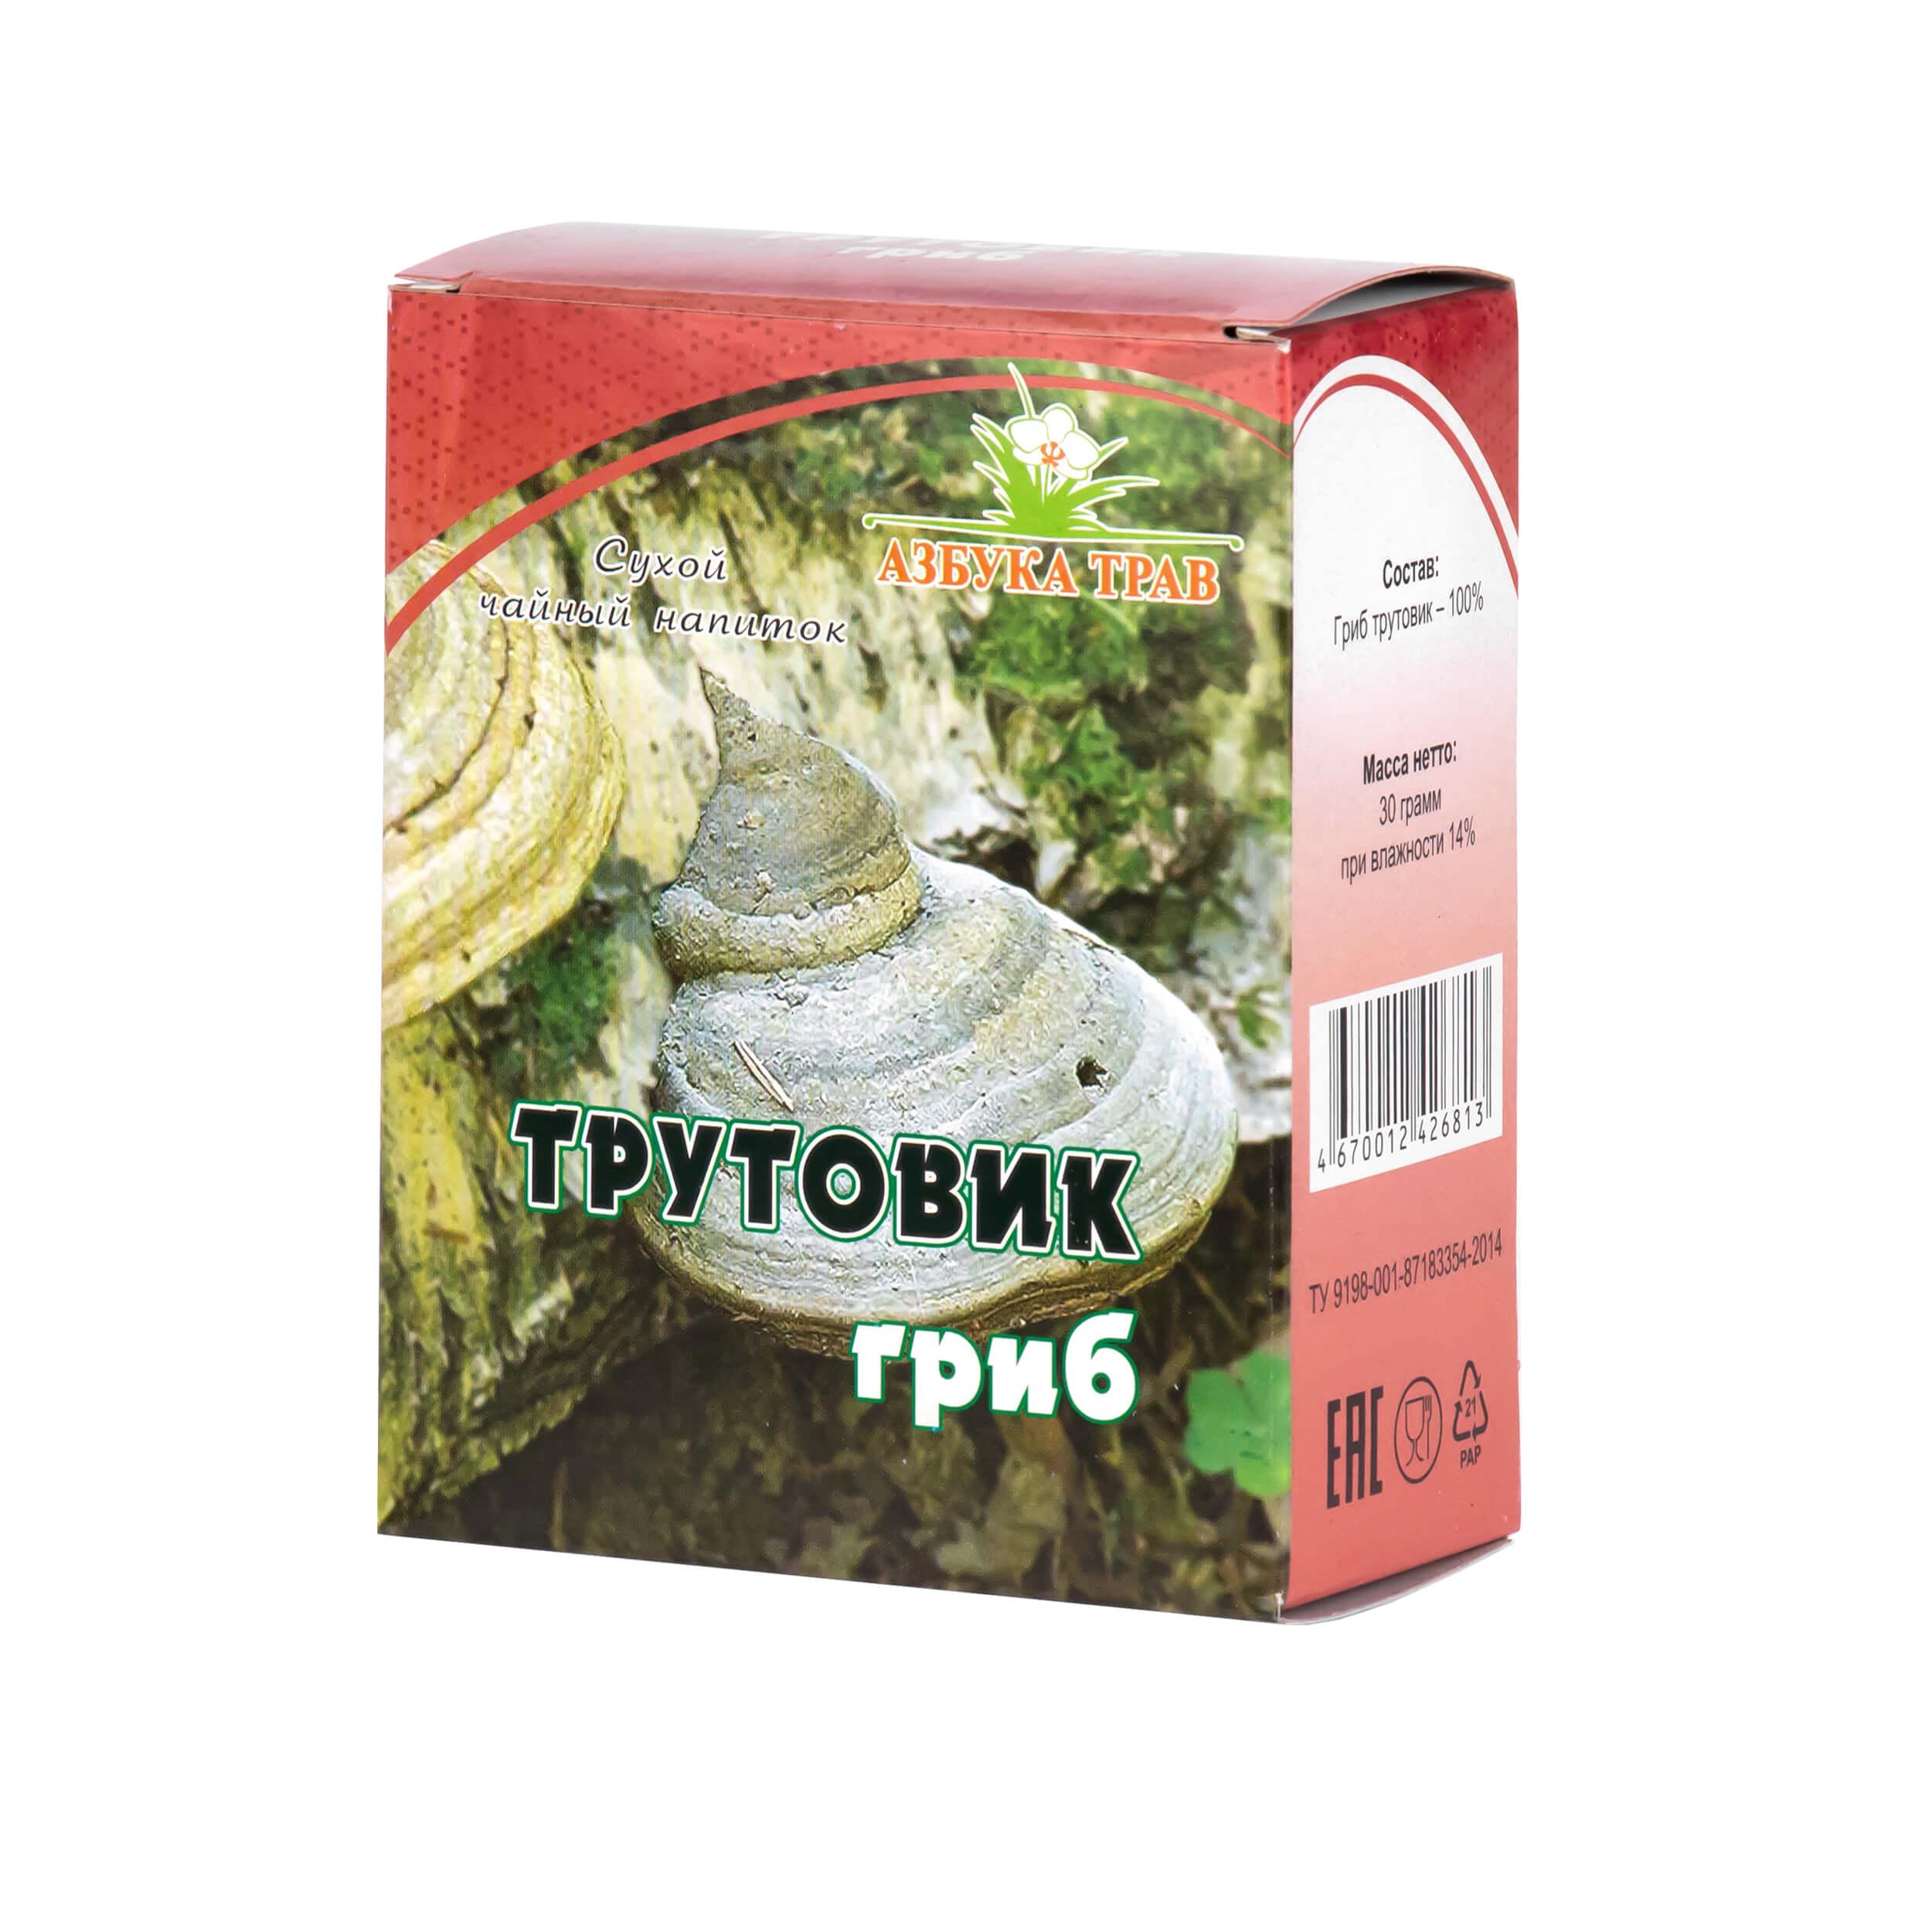 Трутовик (гриб, 30 грамм) фото